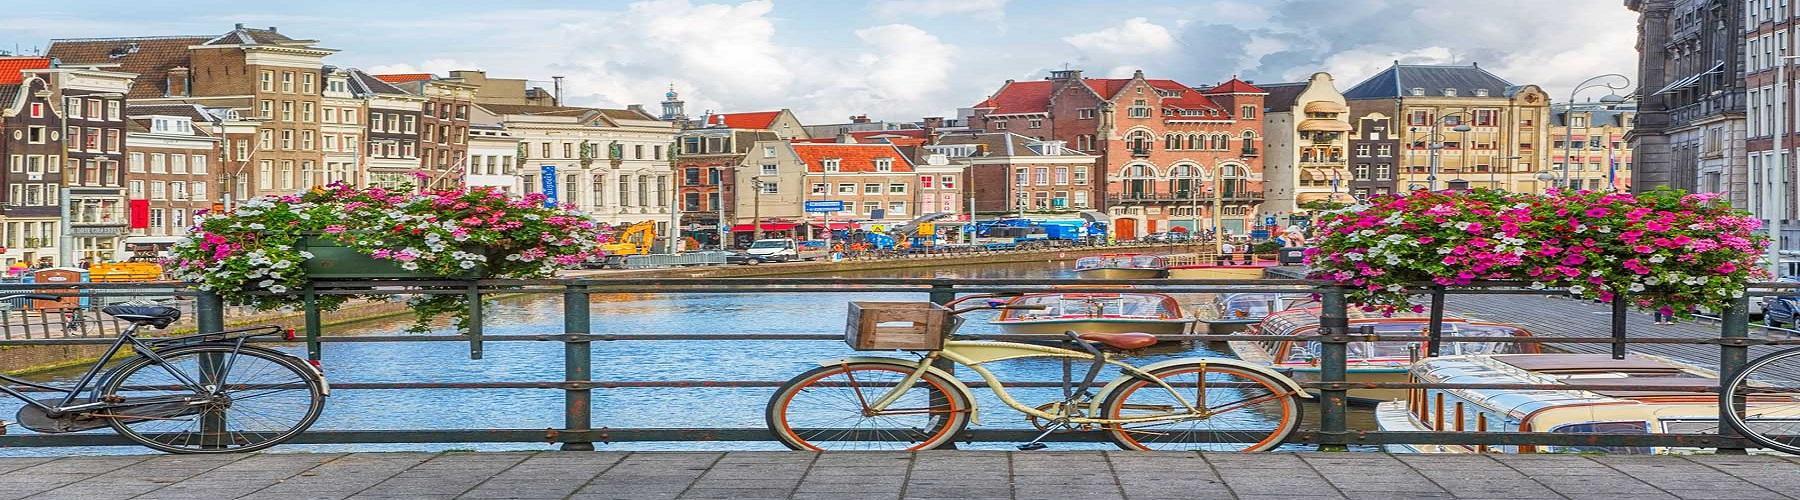 Амстердам путешествие в сказку